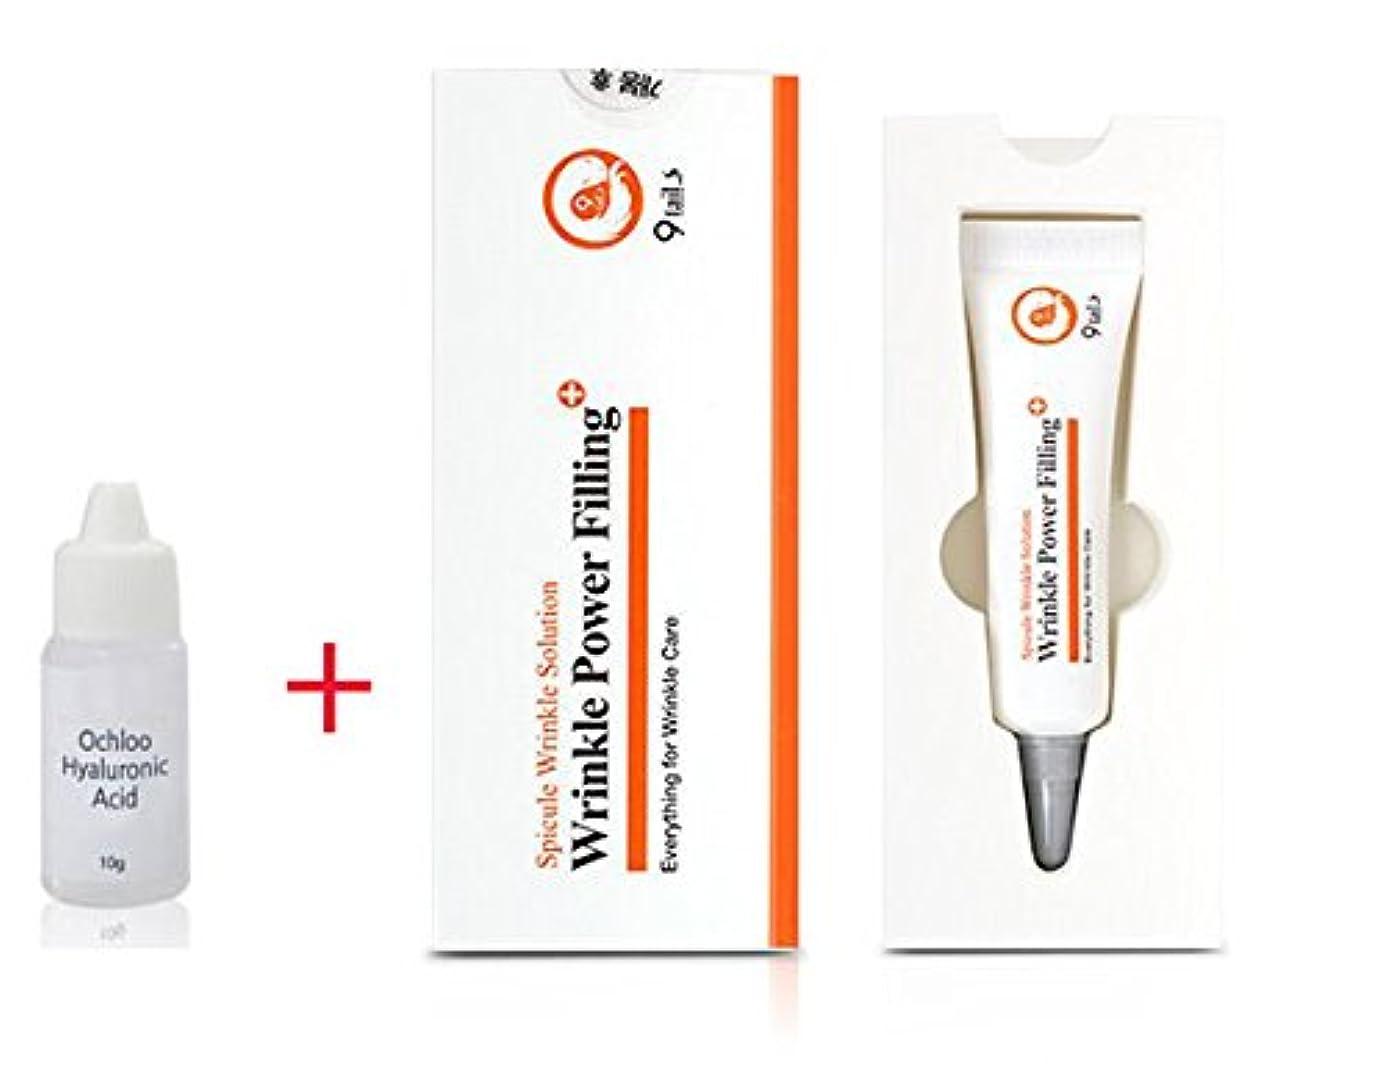 肘掛け椅子現在無秩序9 tails: Wrinkle Power Filling 5ml: Improve wrinkles Serum. リンクルパワーフィーリング シワ改善?セラム + Ochloo hyaluronic acid 10ml